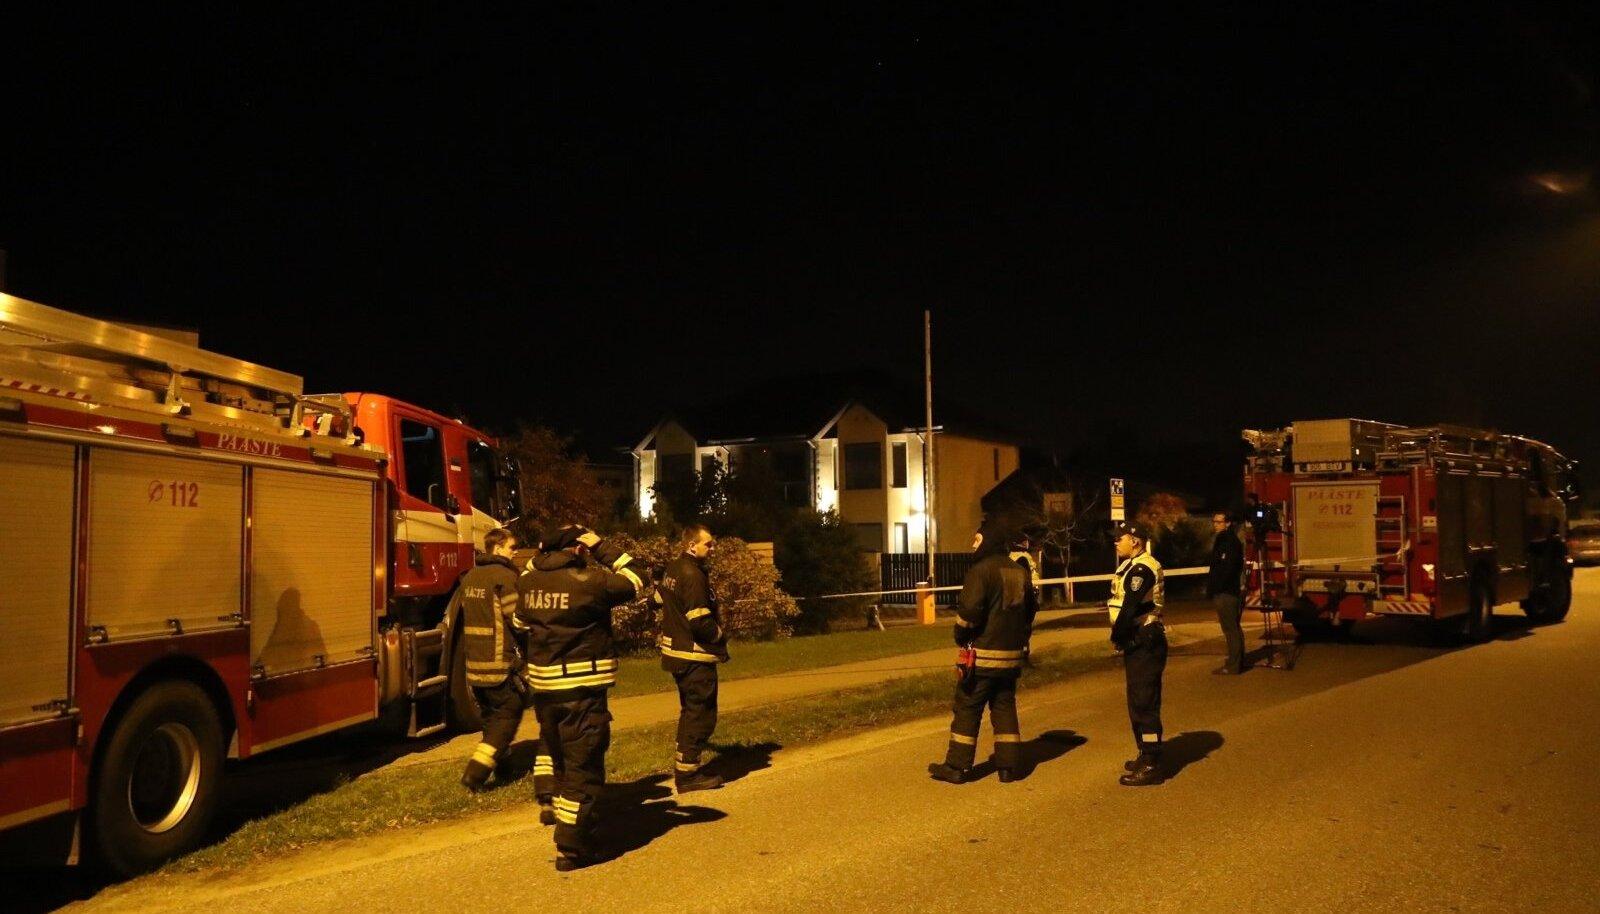 Kakumäe gaasitragöödia. Kolme lapse surma põhjustas isa teadmatus